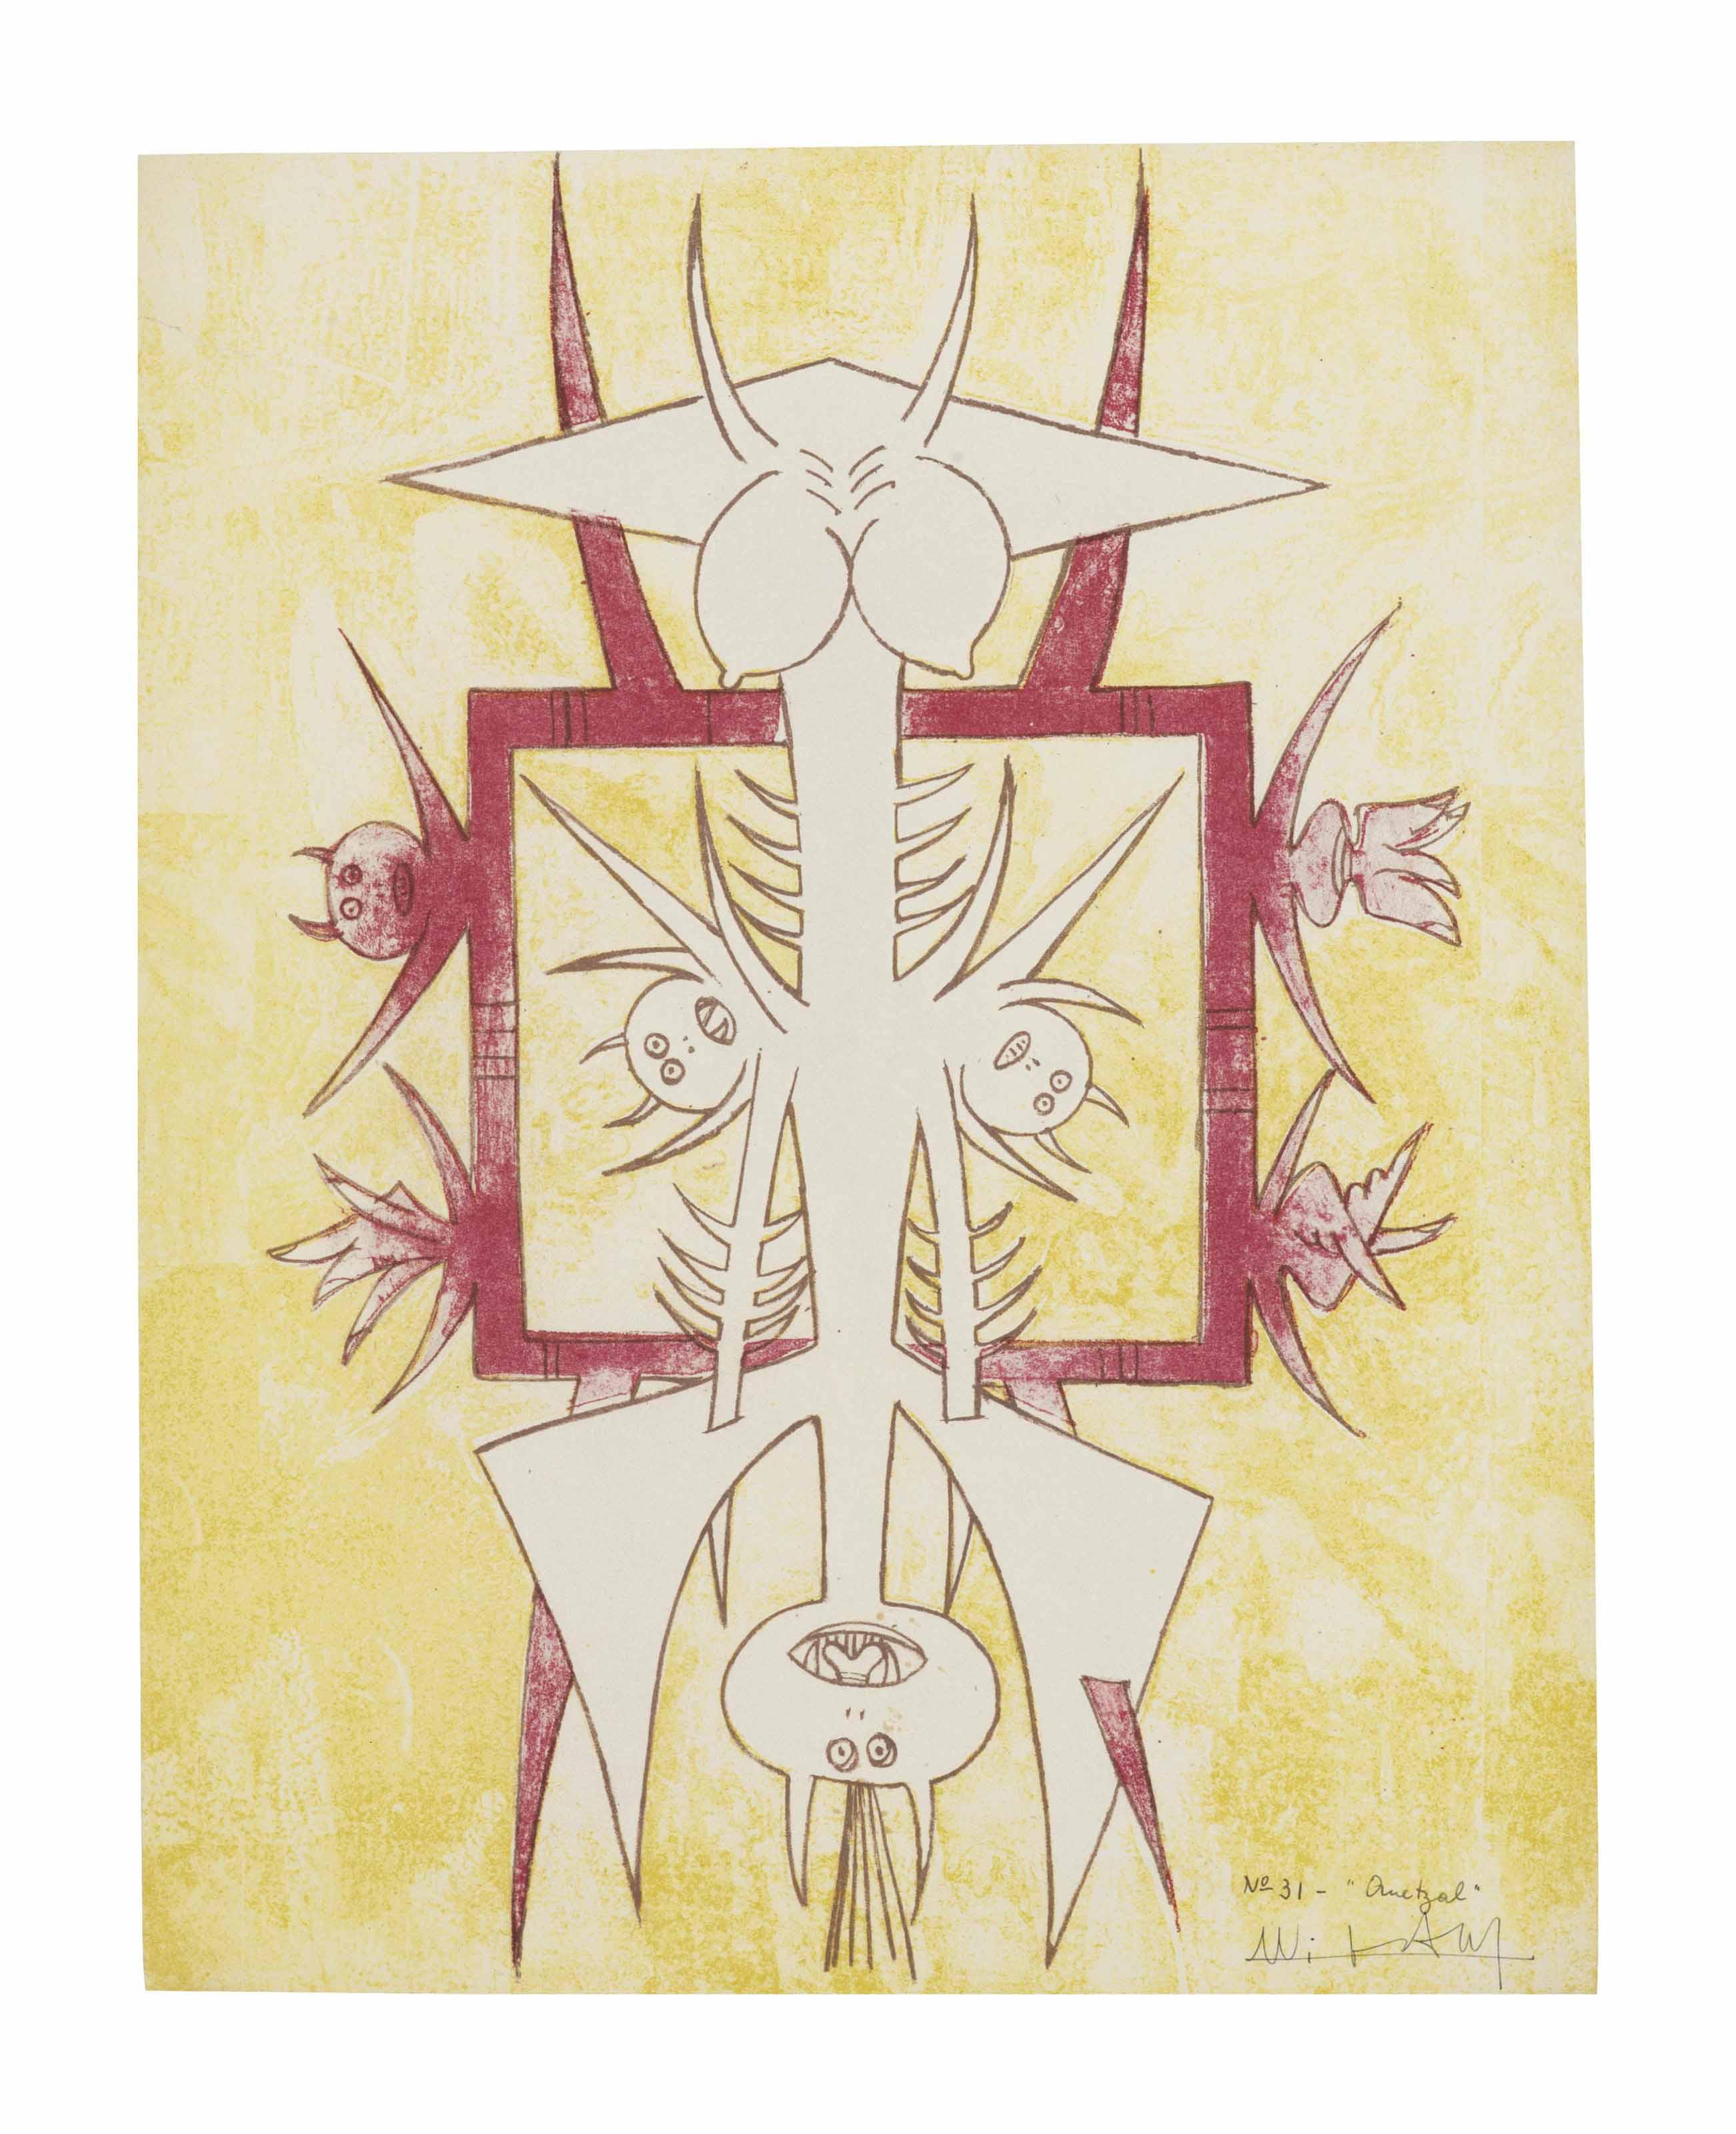 WILFREDO LAM (1902-1982)